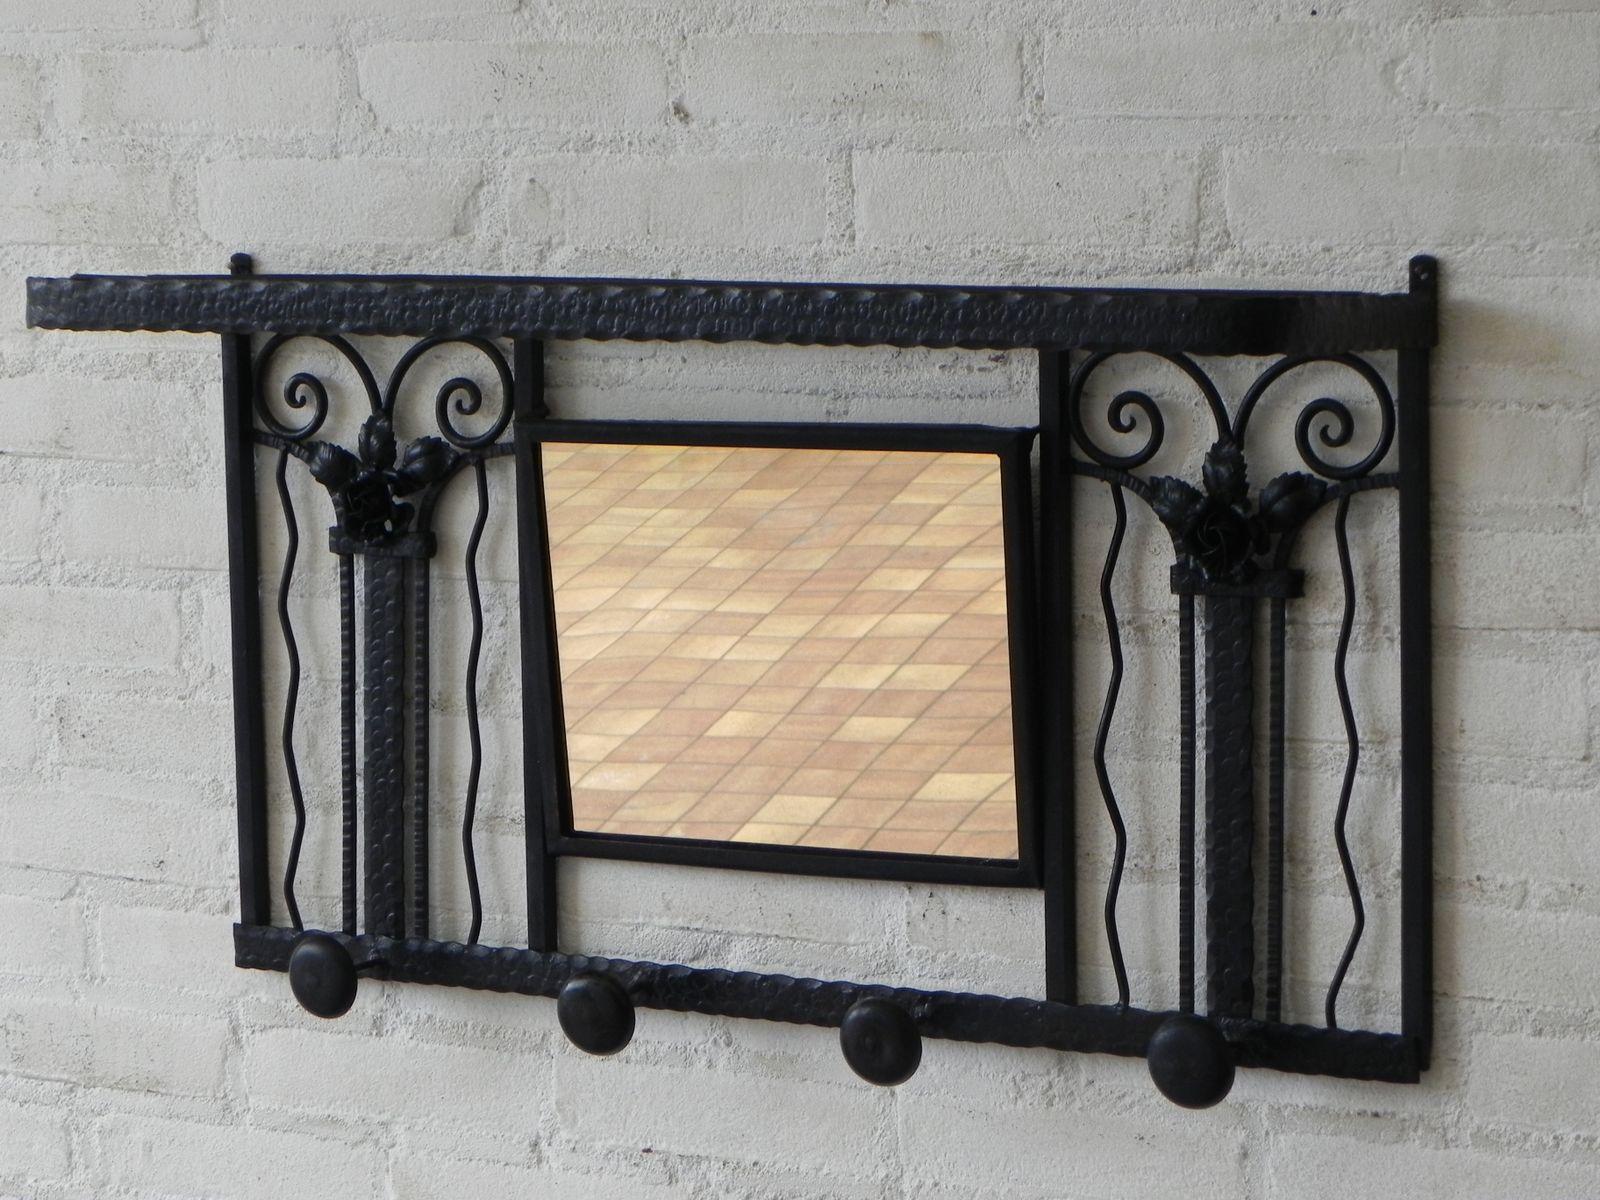 art deco kleiderst nder aus stahl mit spiegel 1930er bei pamono kaufen. Black Bedroom Furniture Sets. Home Design Ideas